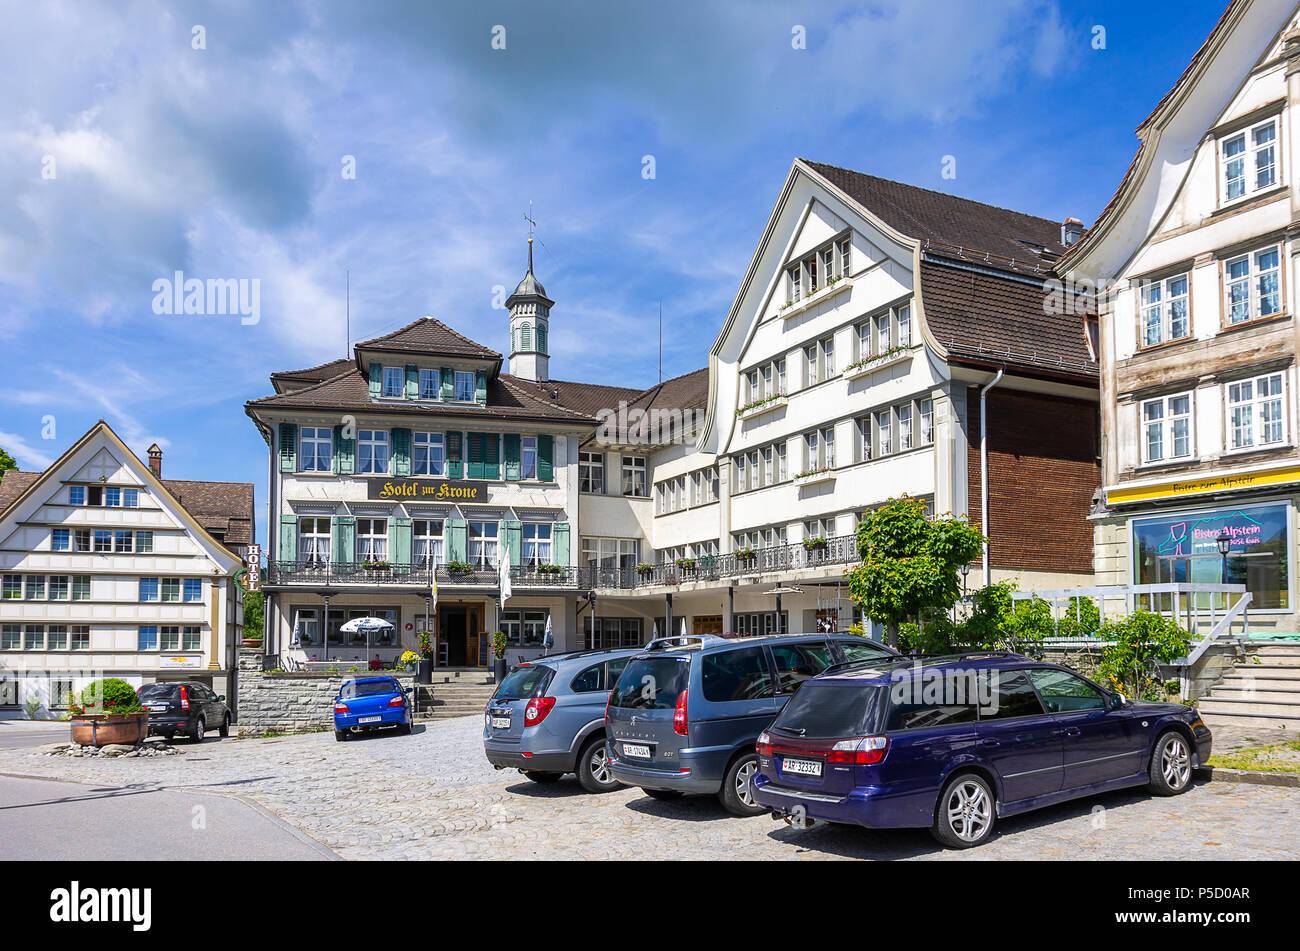 Das HOTEL ZUR KRONE auf dem Dorfplatz von Gais, Appenzell Ausserrhoden, Schweiz. Stockfoto